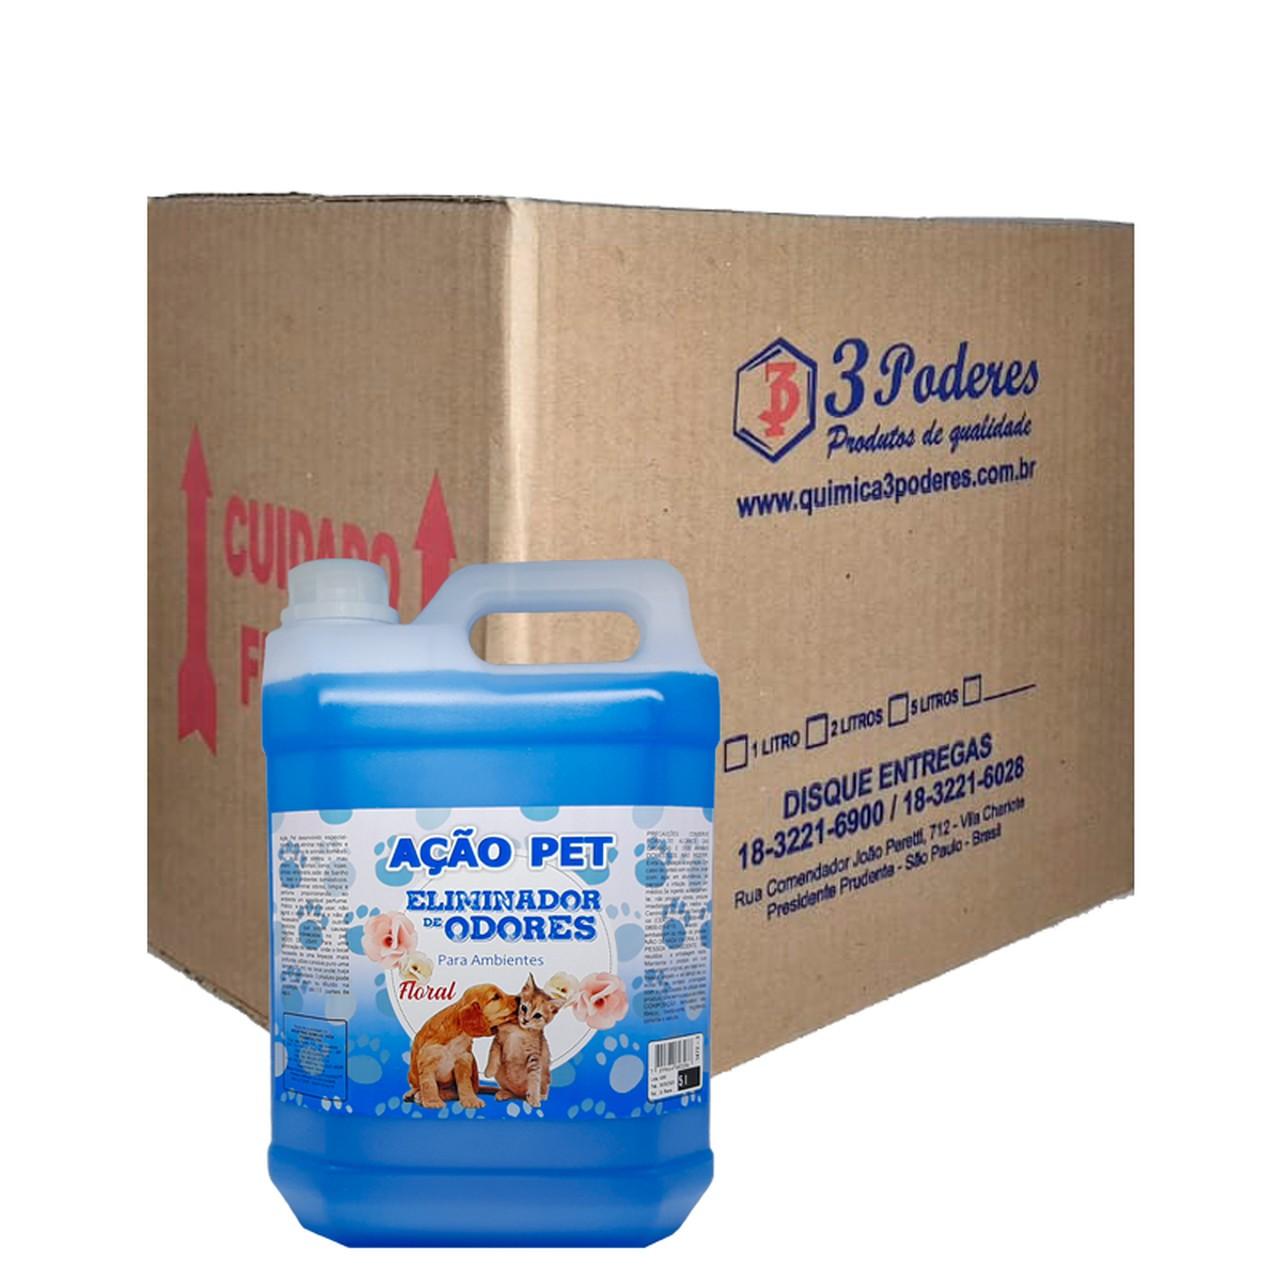 AÇÃO PET Floral 3 Poderes 5LTS - Eliminador De Odores Para Ambientes - Caixa com 4 Un.